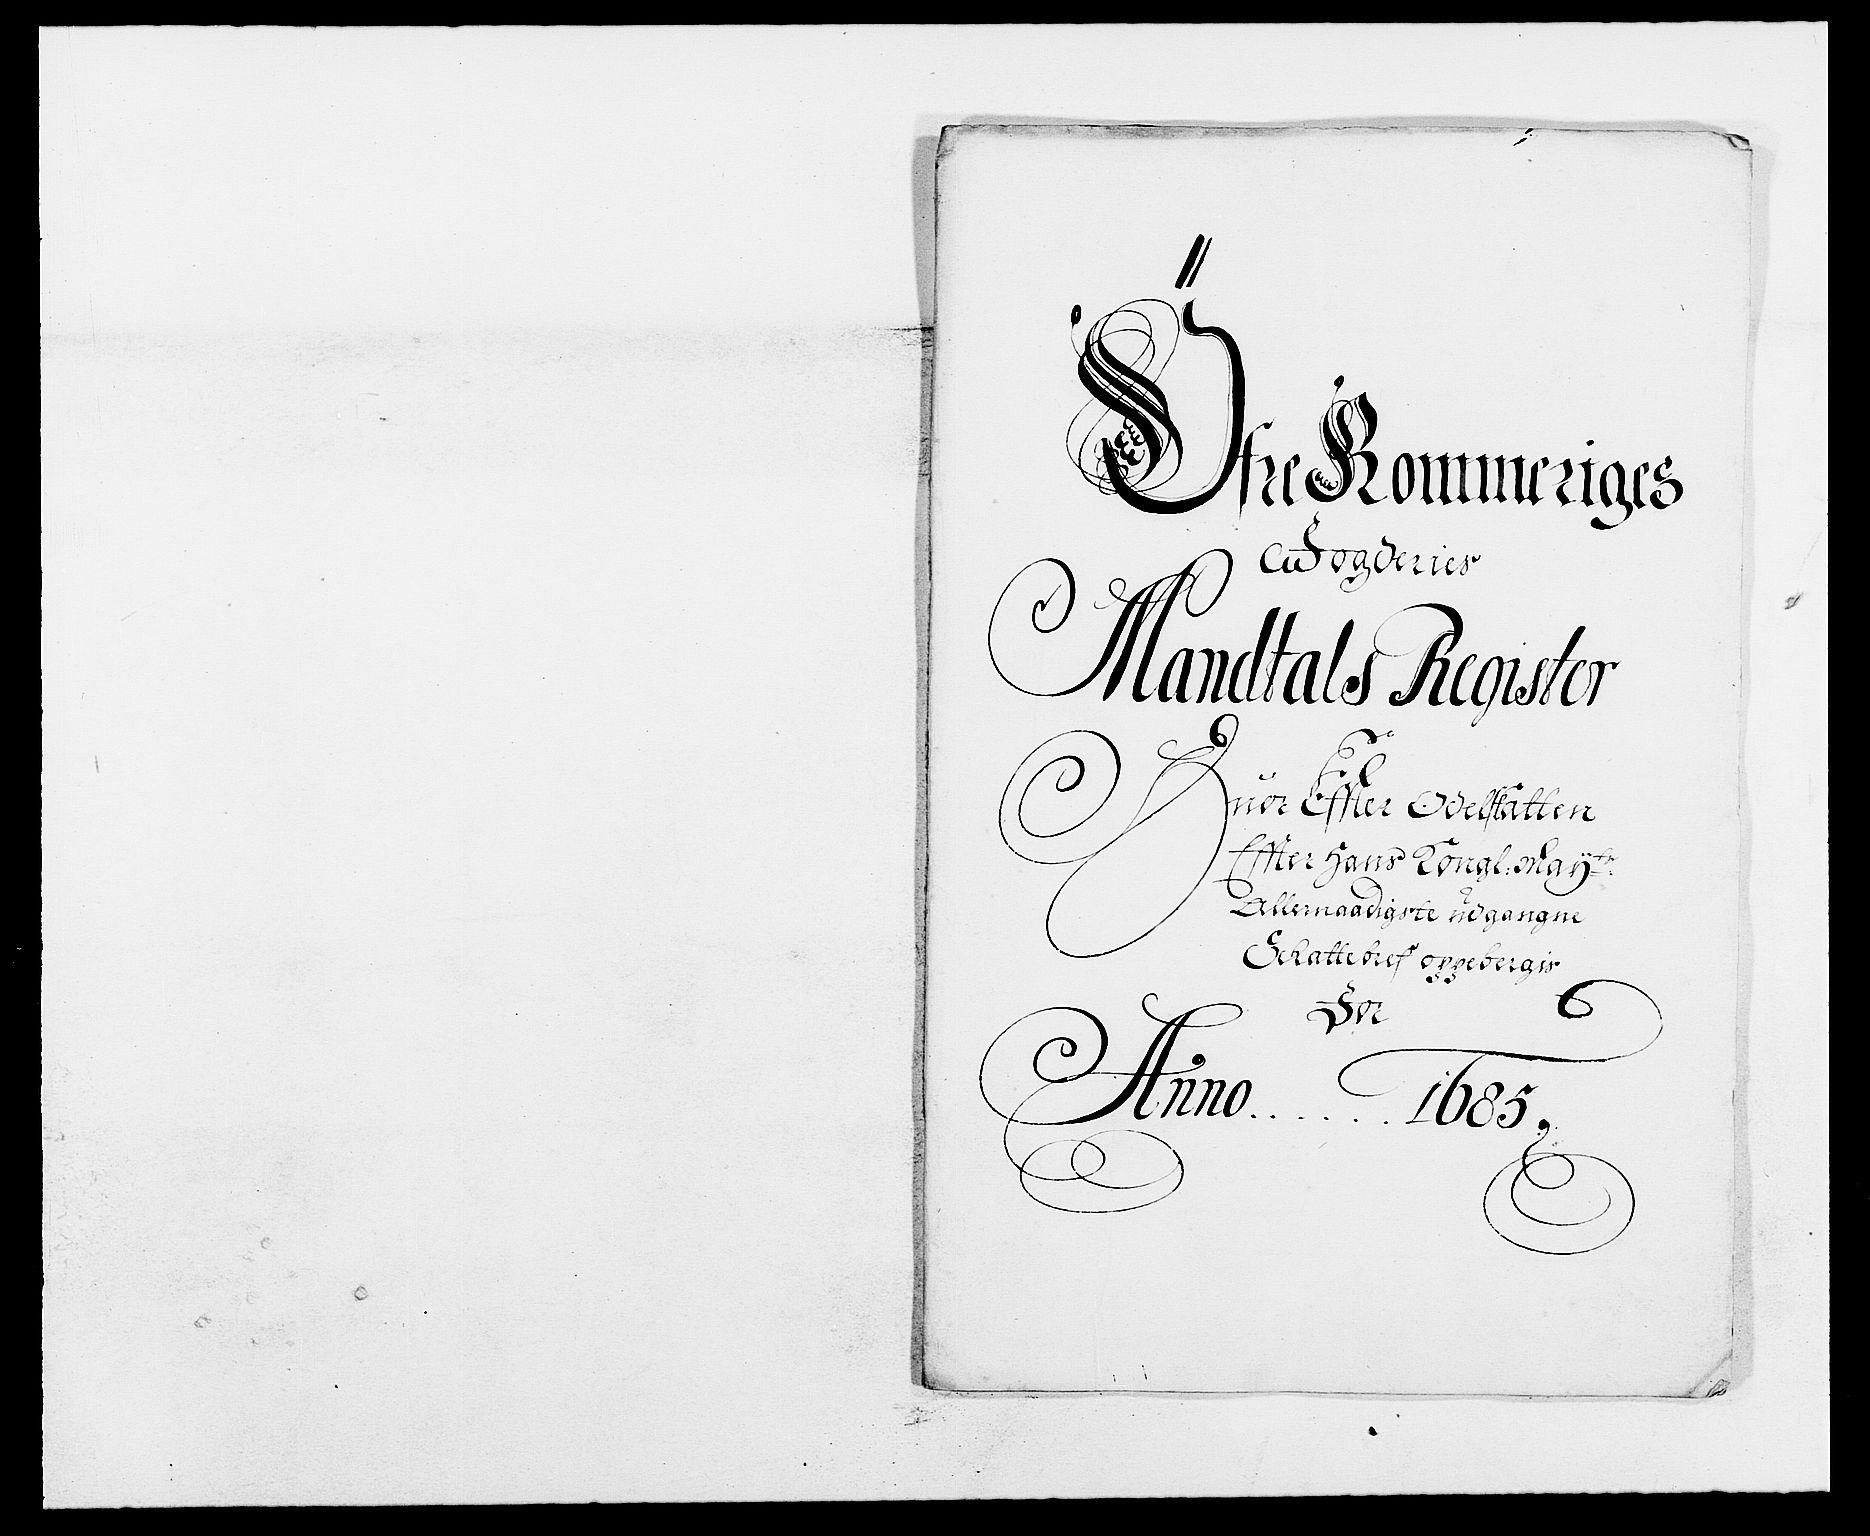 RA, Rentekammeret inntil 1814, Reviderte regnskaper, Fogderegnskap, R12/L0699: Fogderegnskap Øvre Romerike, 1685-1686, s. 53